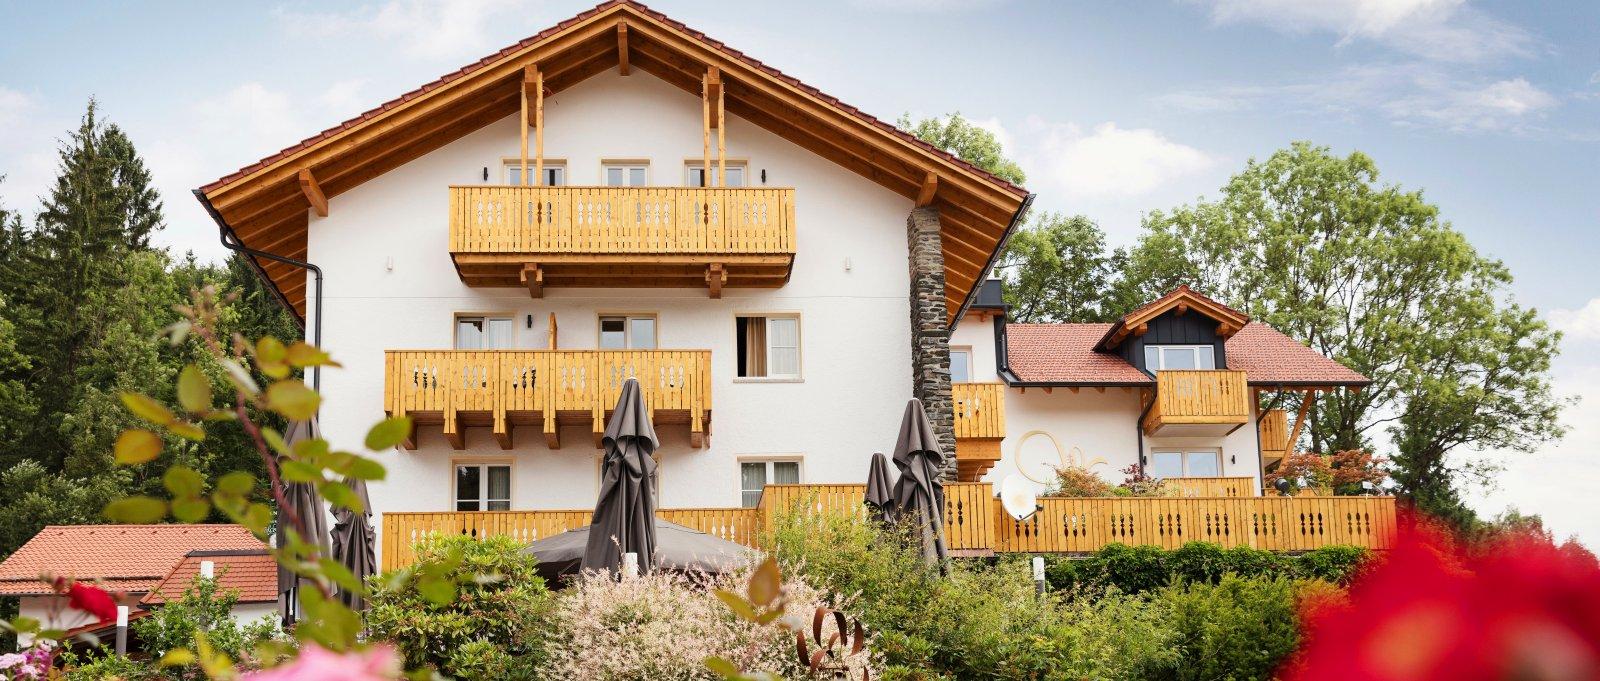 Hotel Waldschlössl in Neukirchen b. hl. Blut